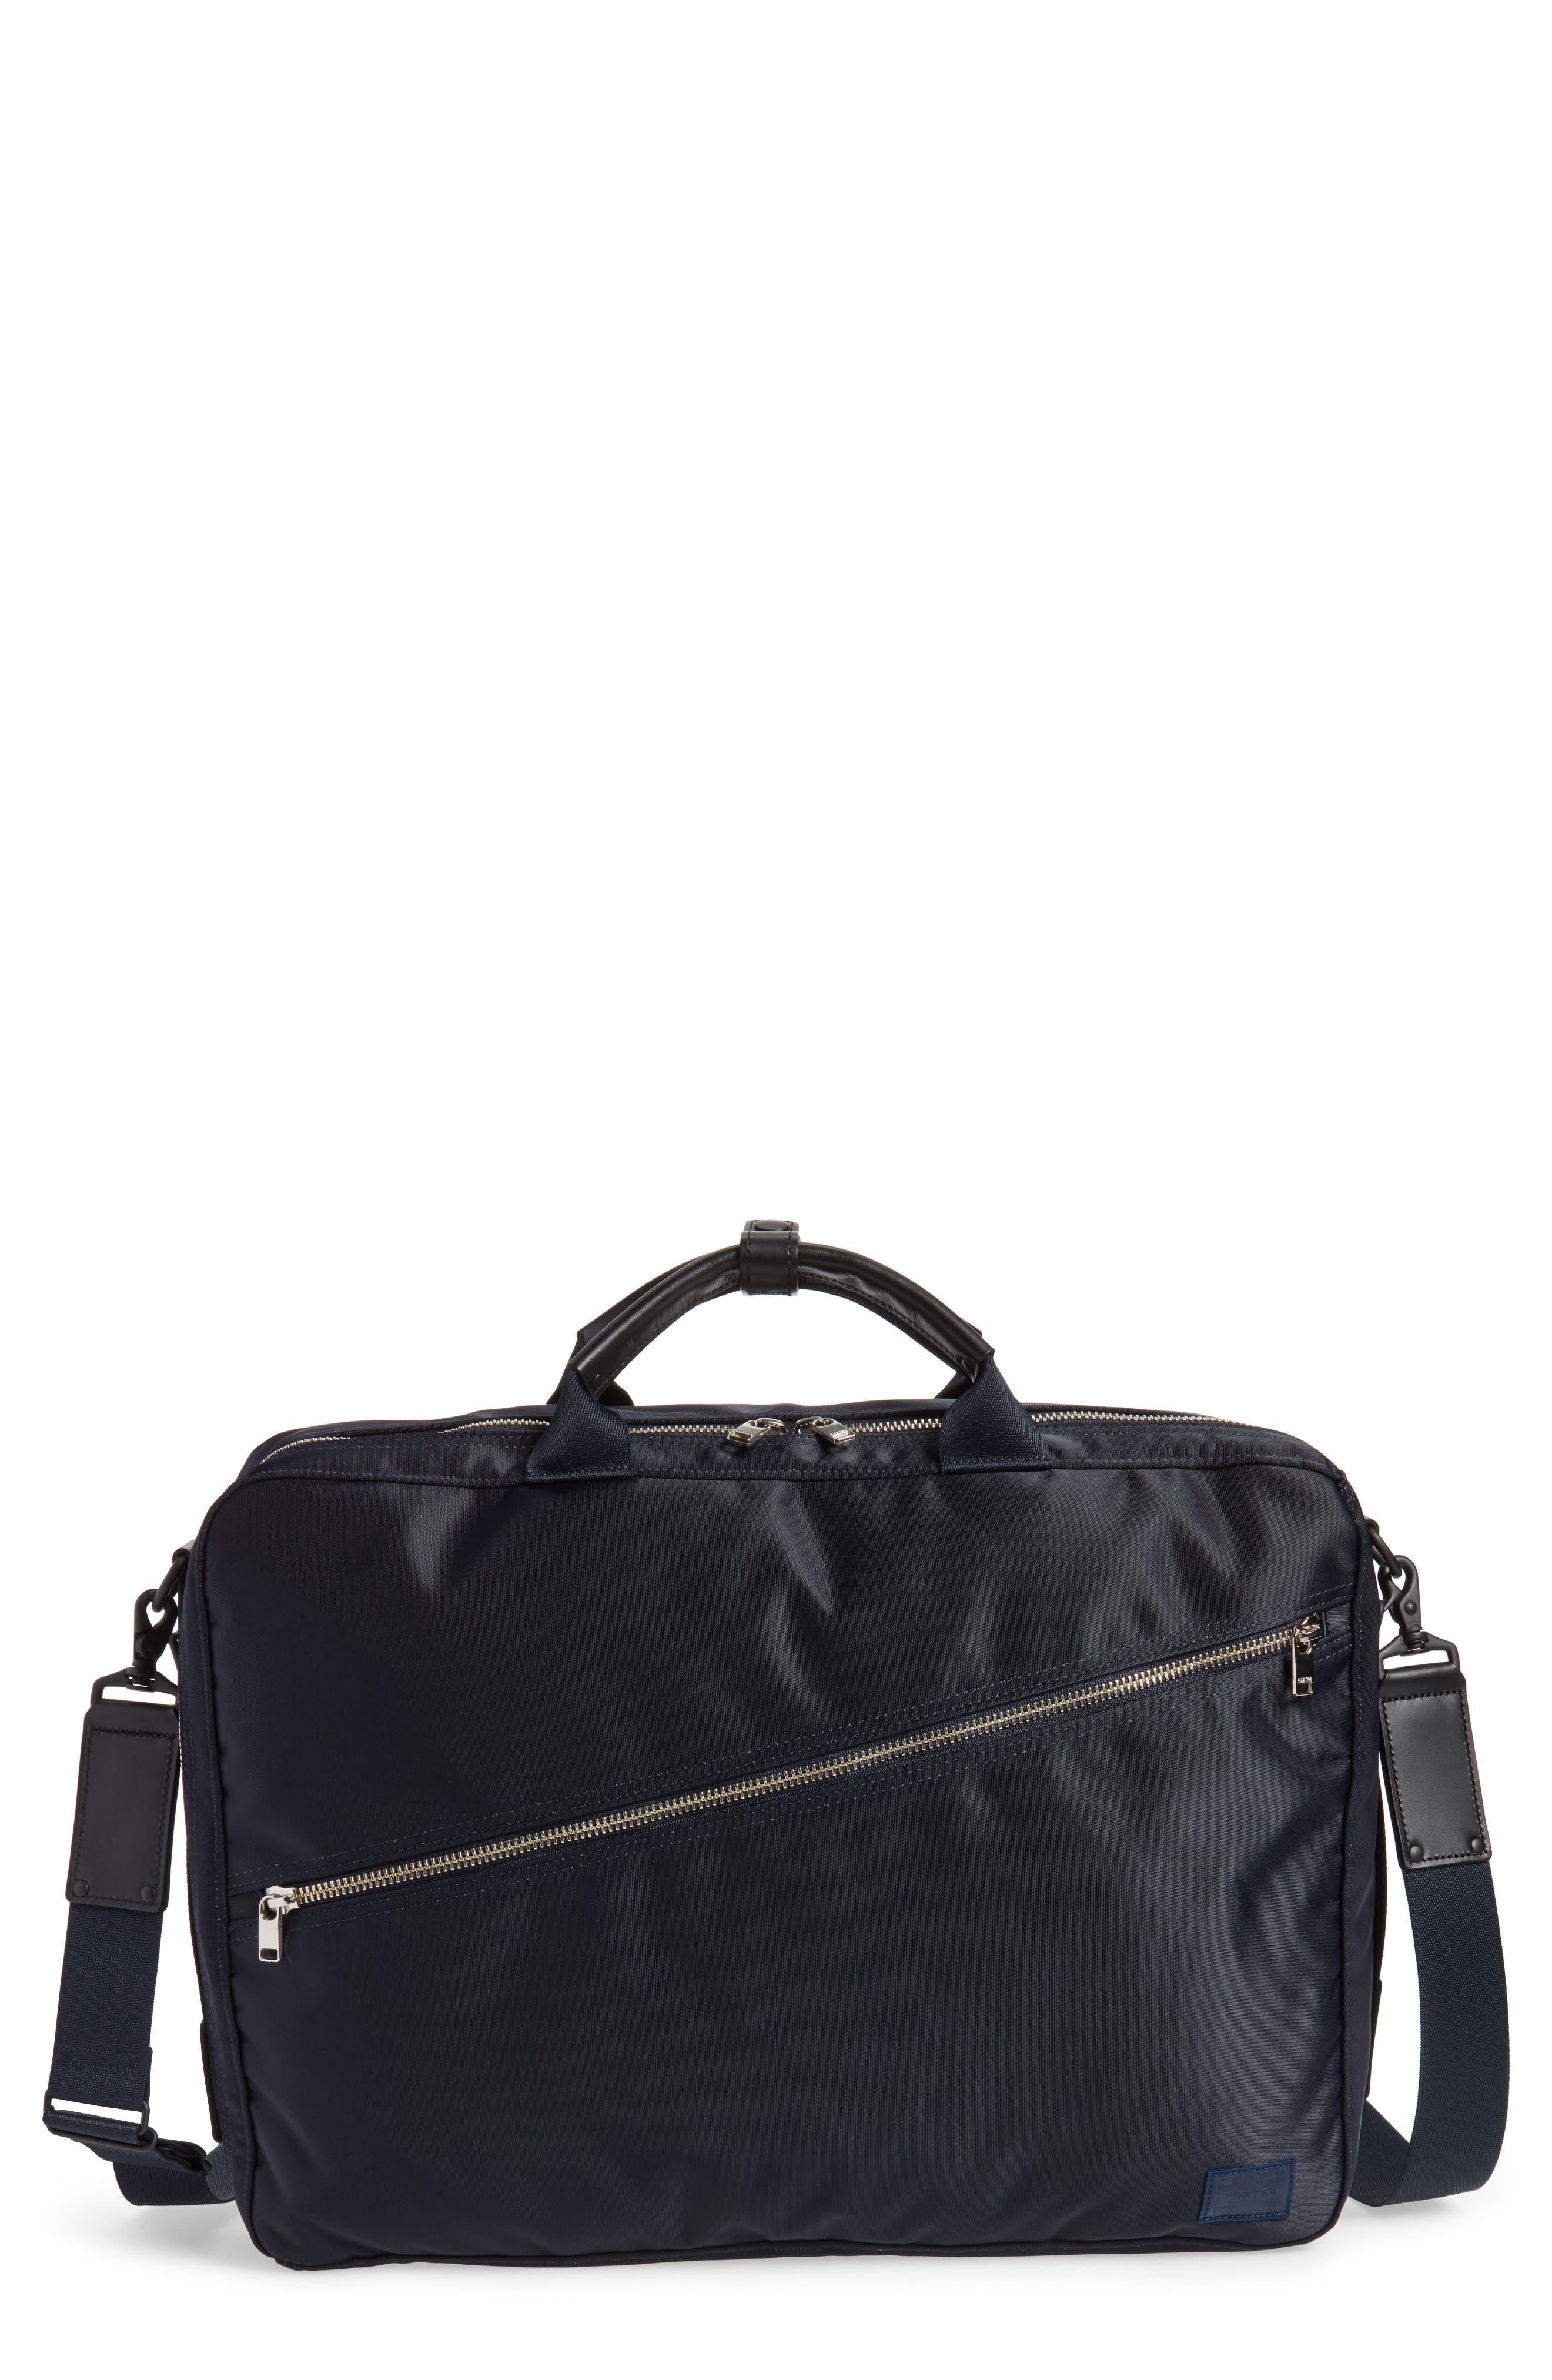 Porter-Yoshida & Co. Lift Convertible Briefcase,                         Main,                         color,